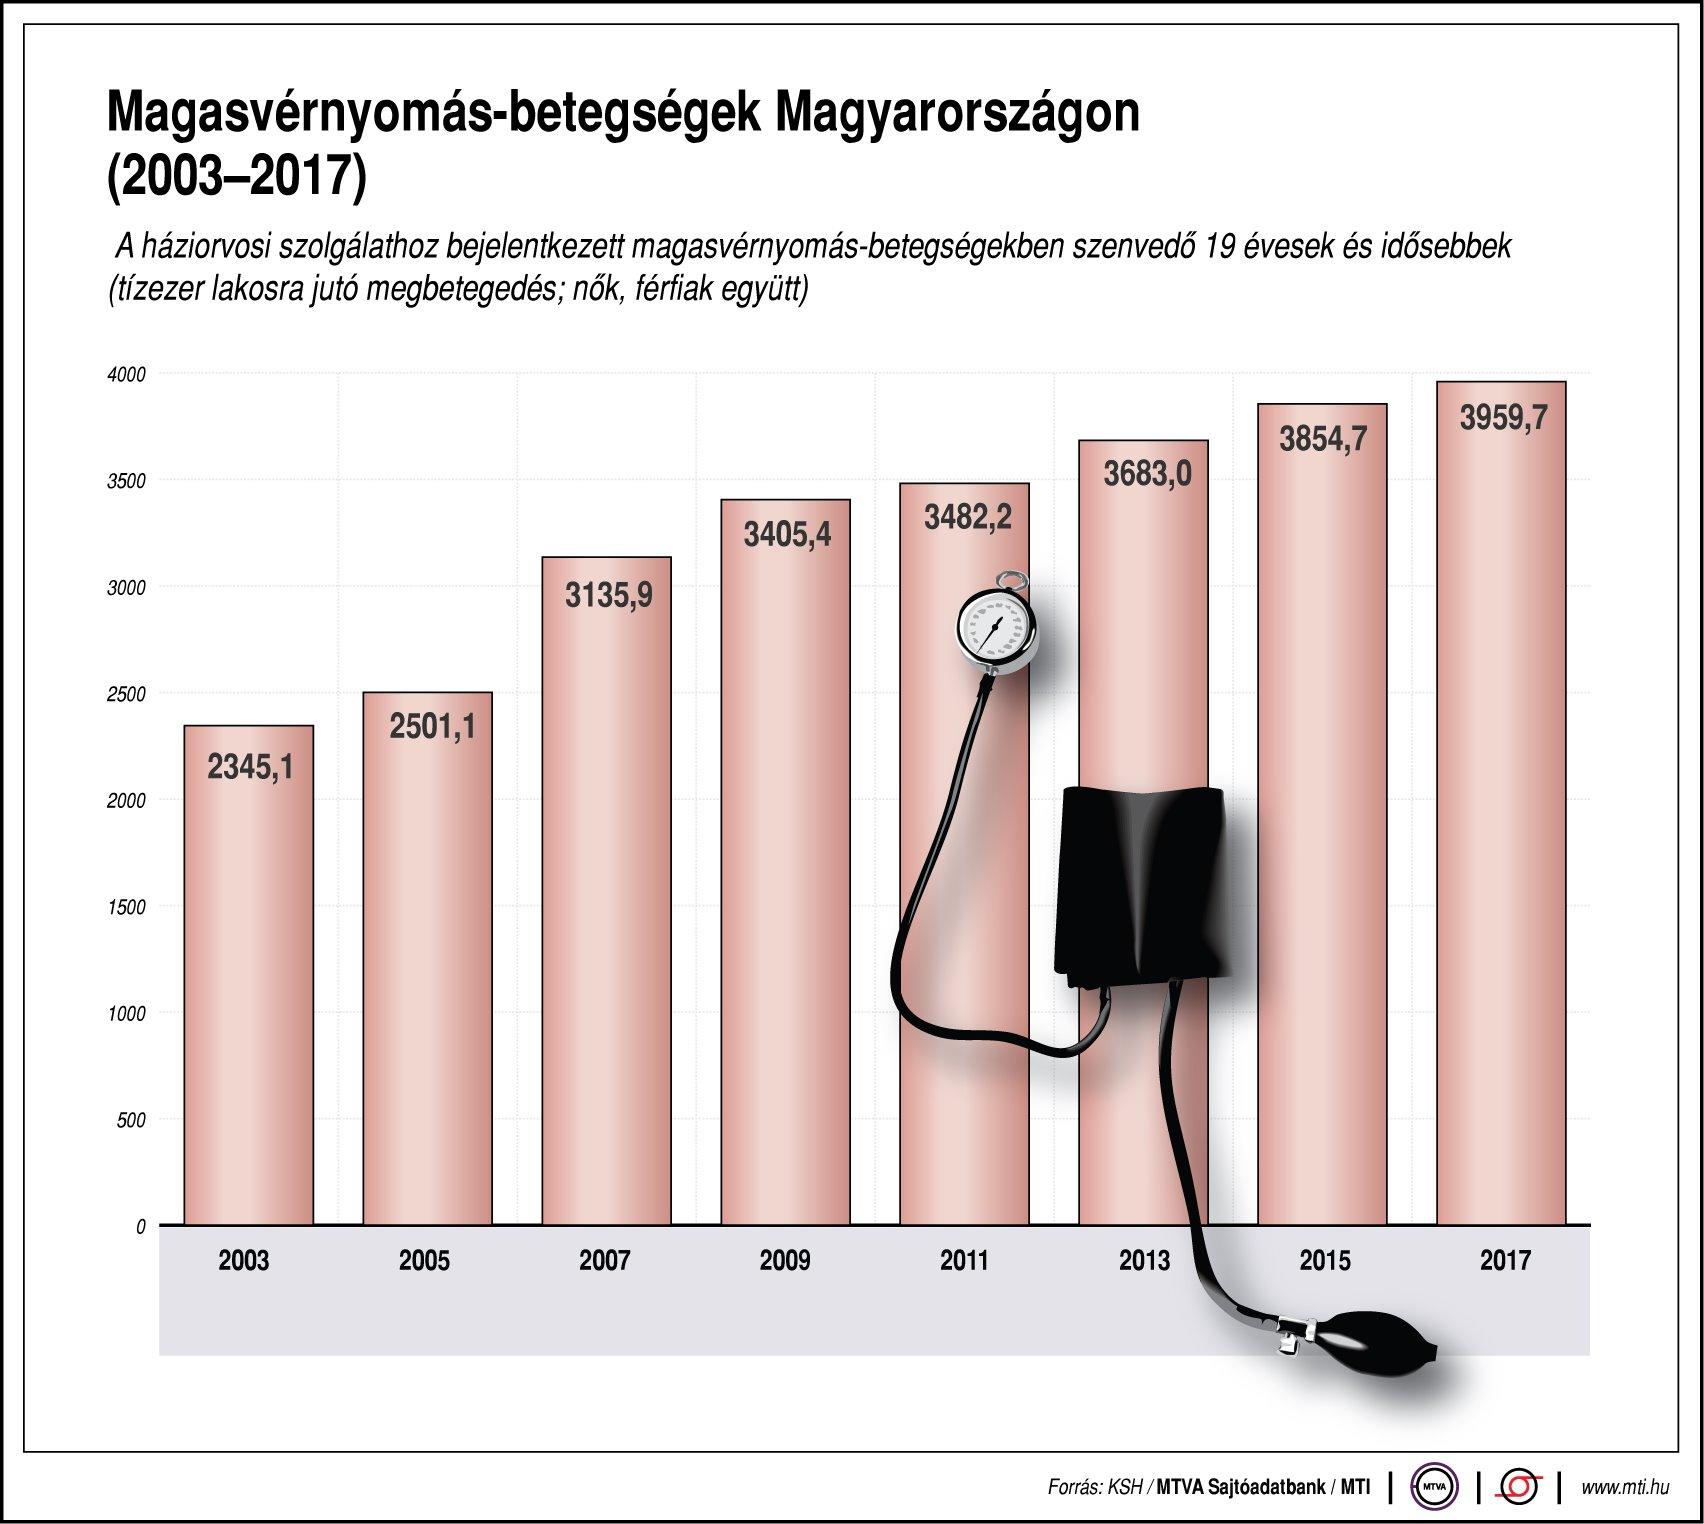 a magas vérnyomásban szenvedők kezelése azt jelenti